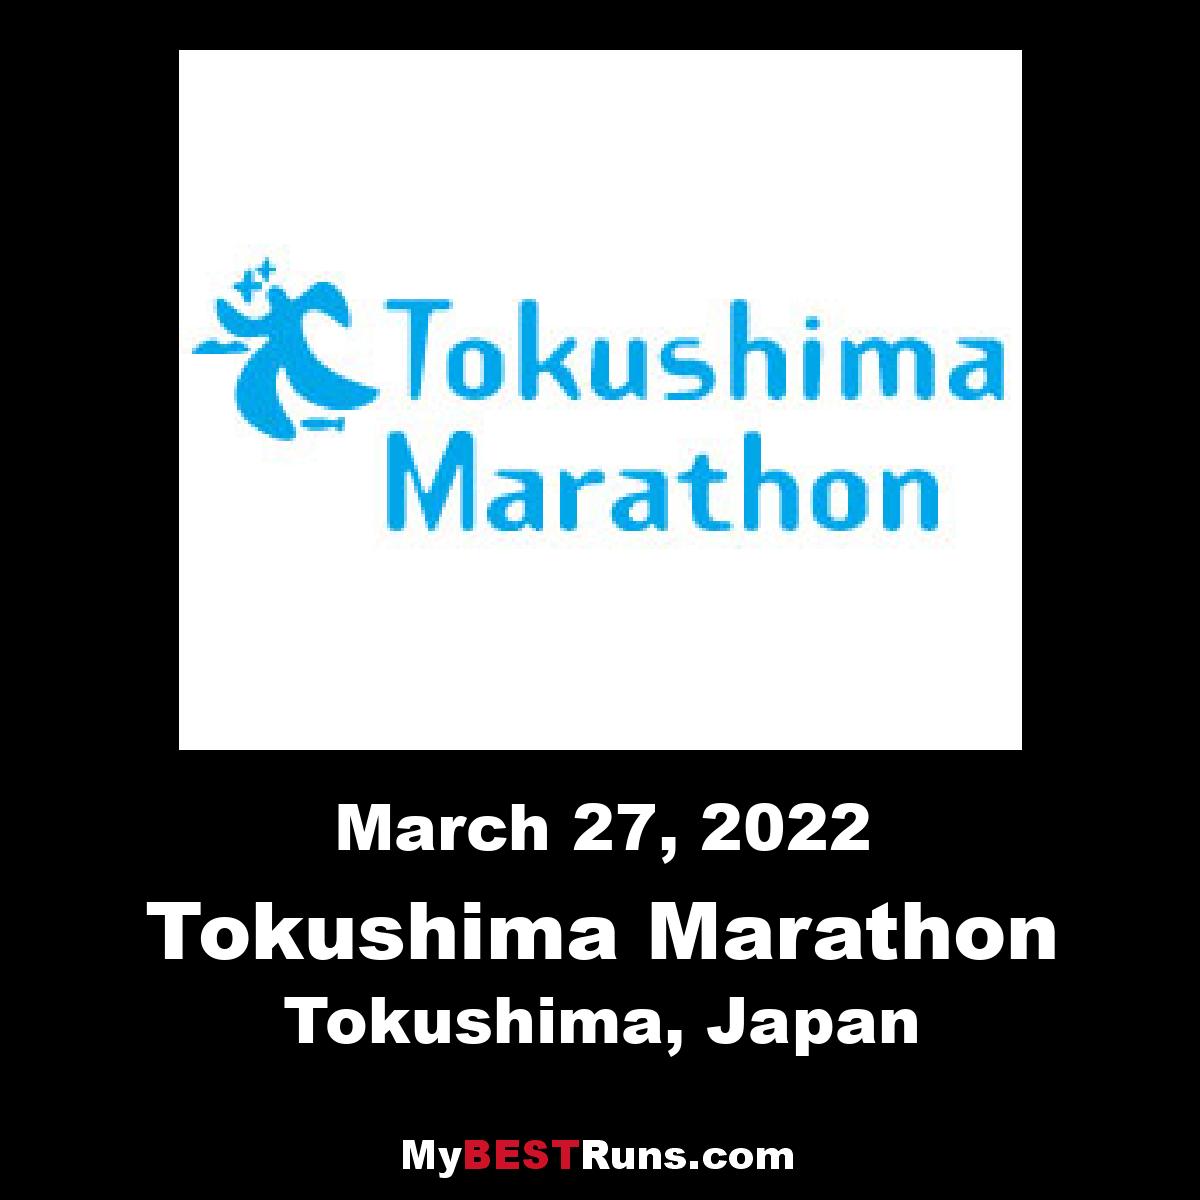 Tokushima Marathon